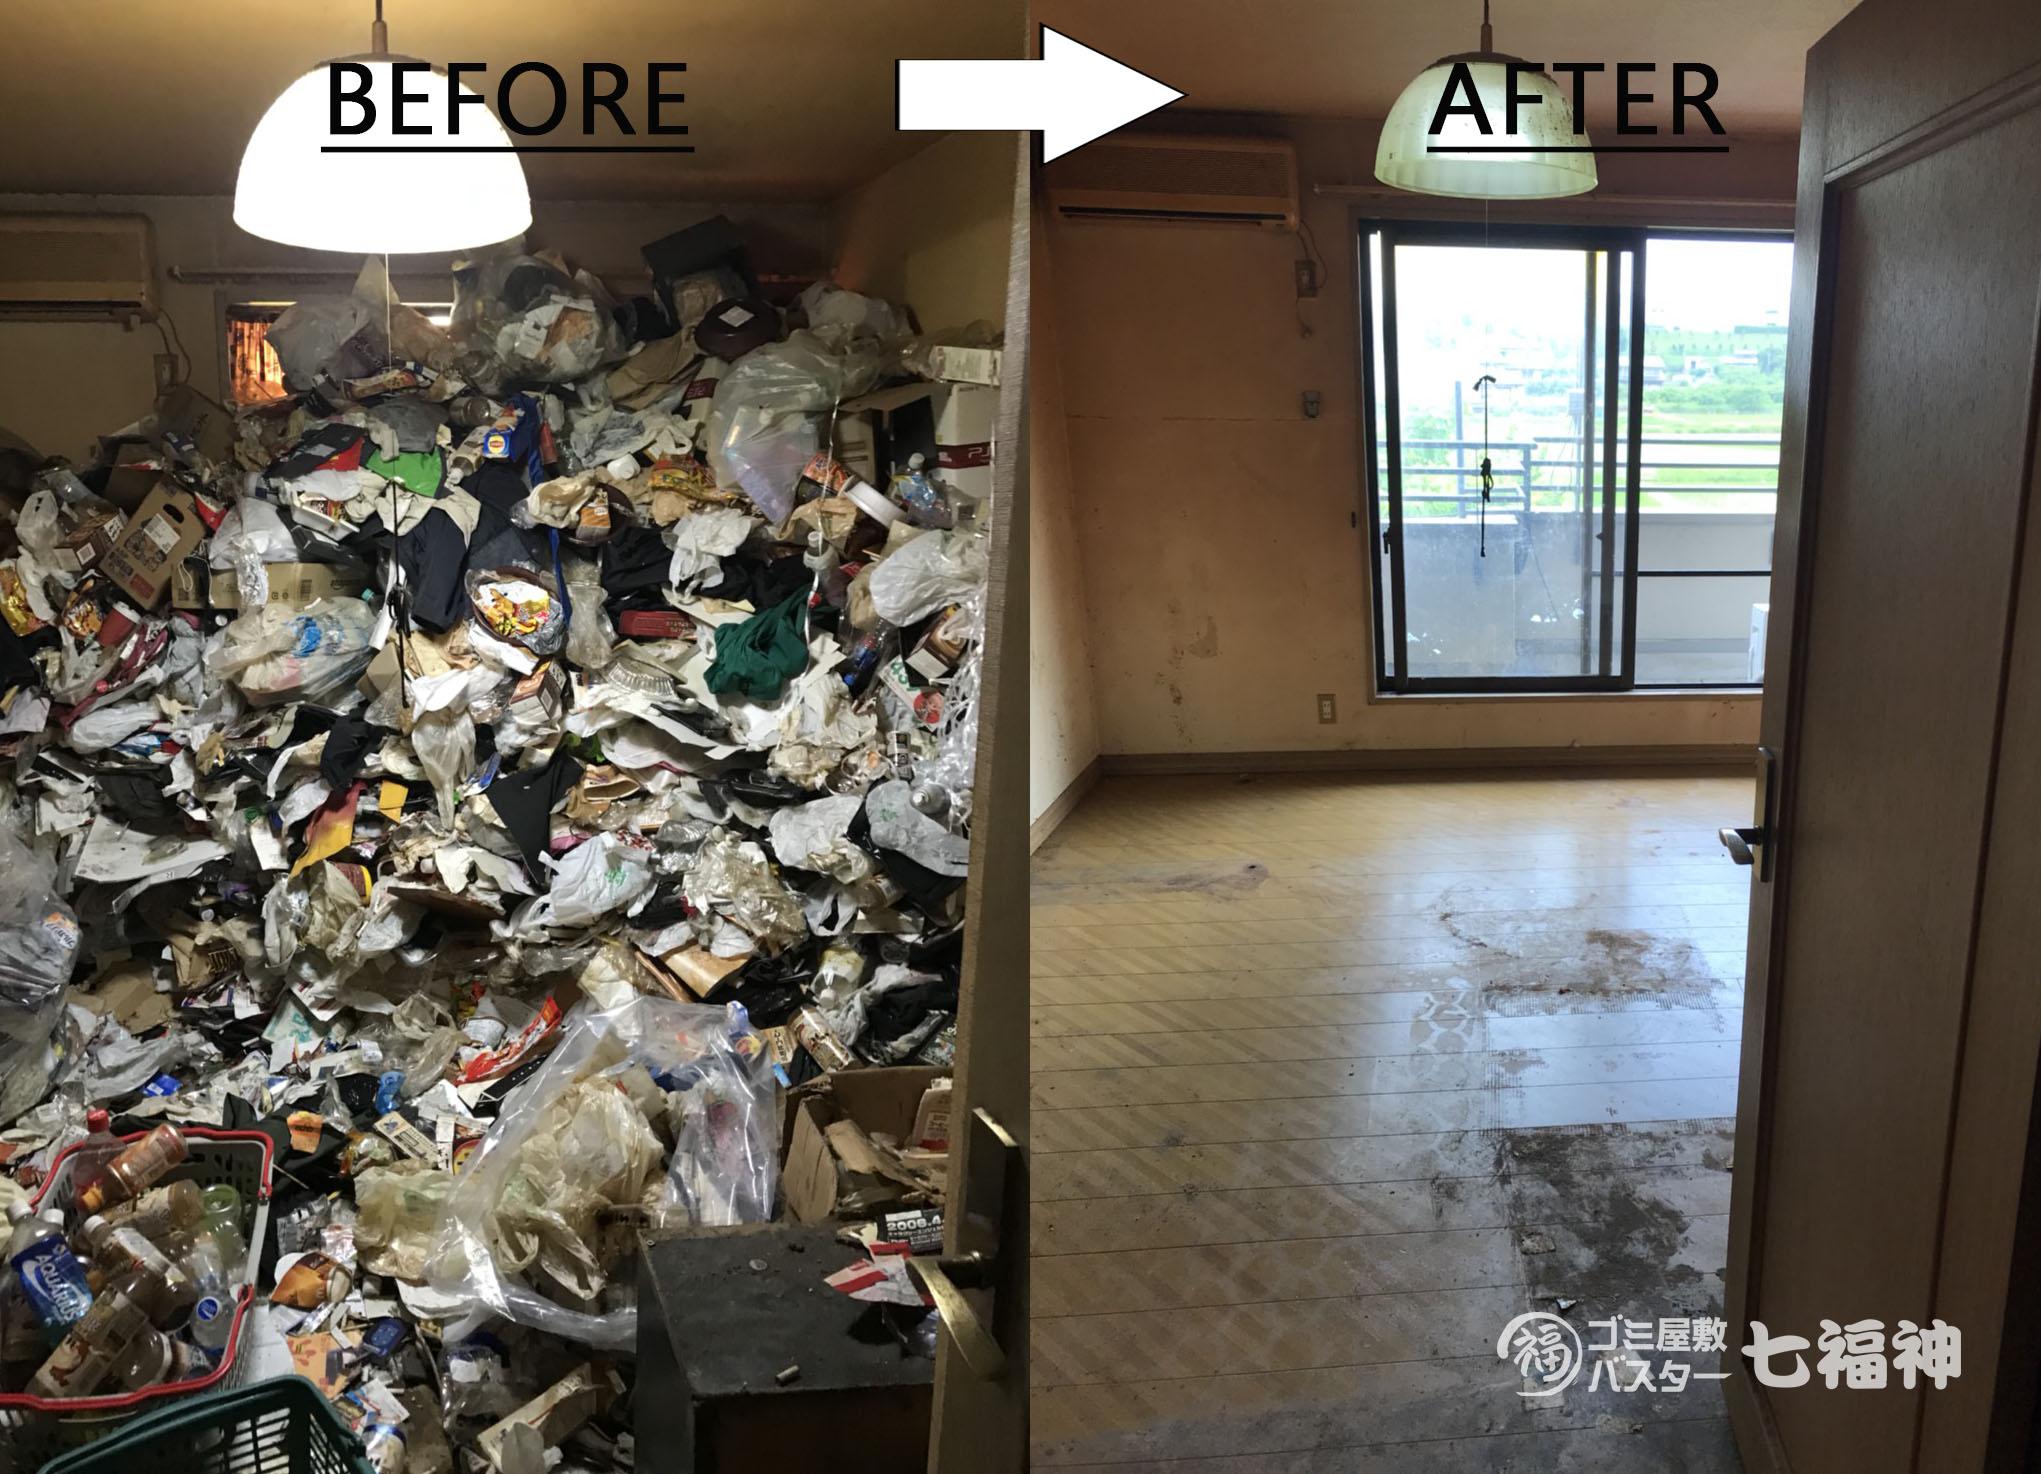 ゴミ屋敷の掃除